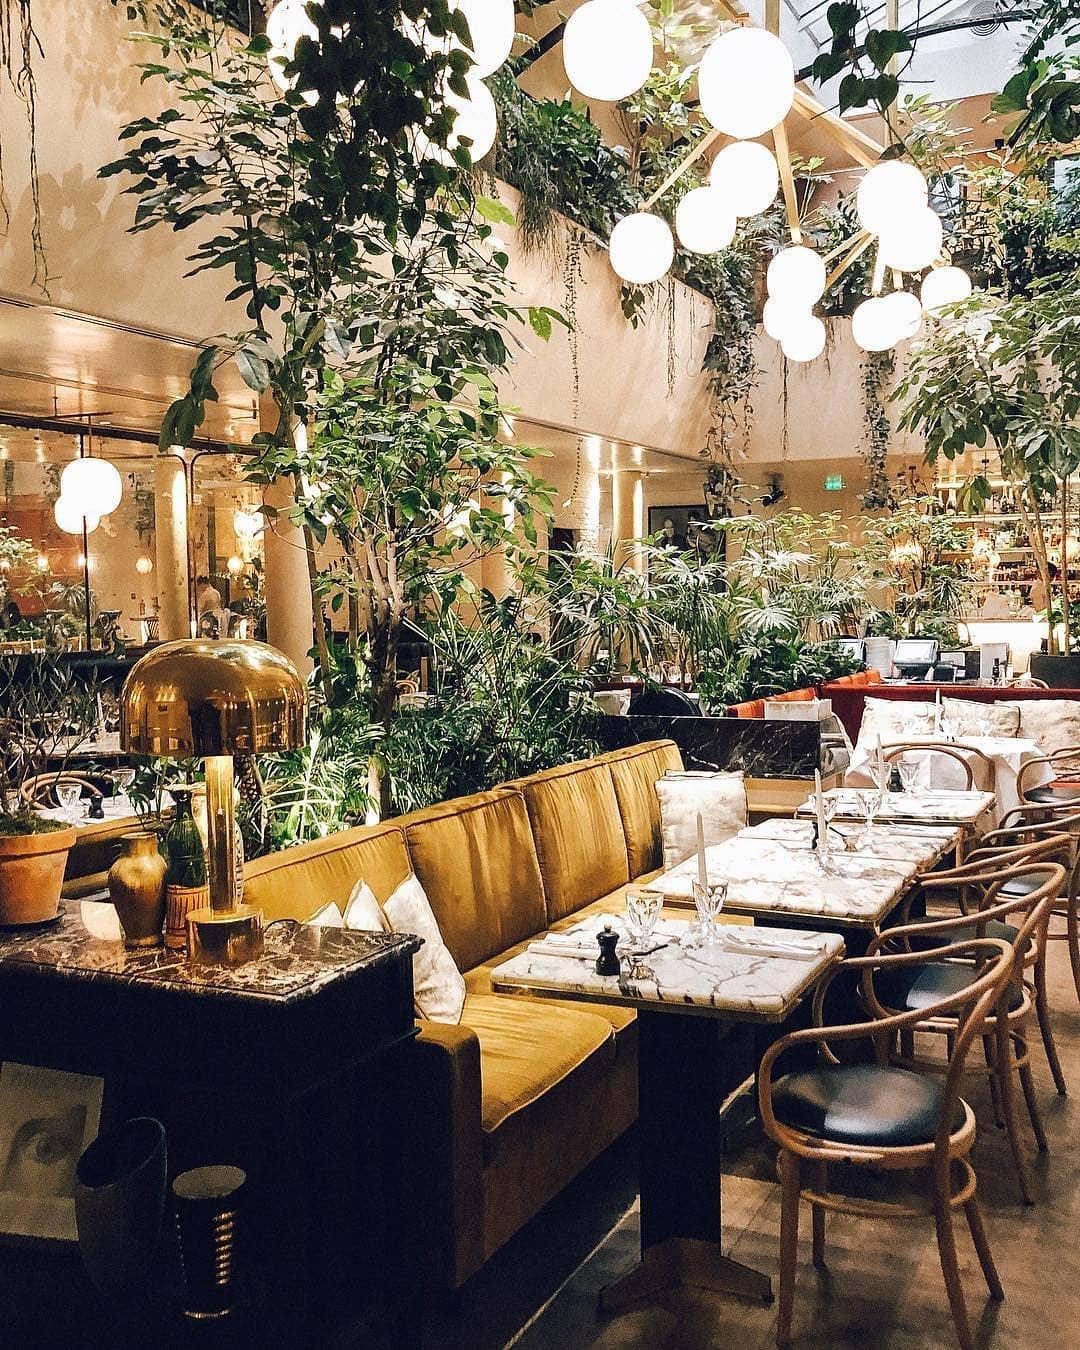 Décorer Un Mur De Jardin les plus beaux bars et restaurants à déco végétale de paris